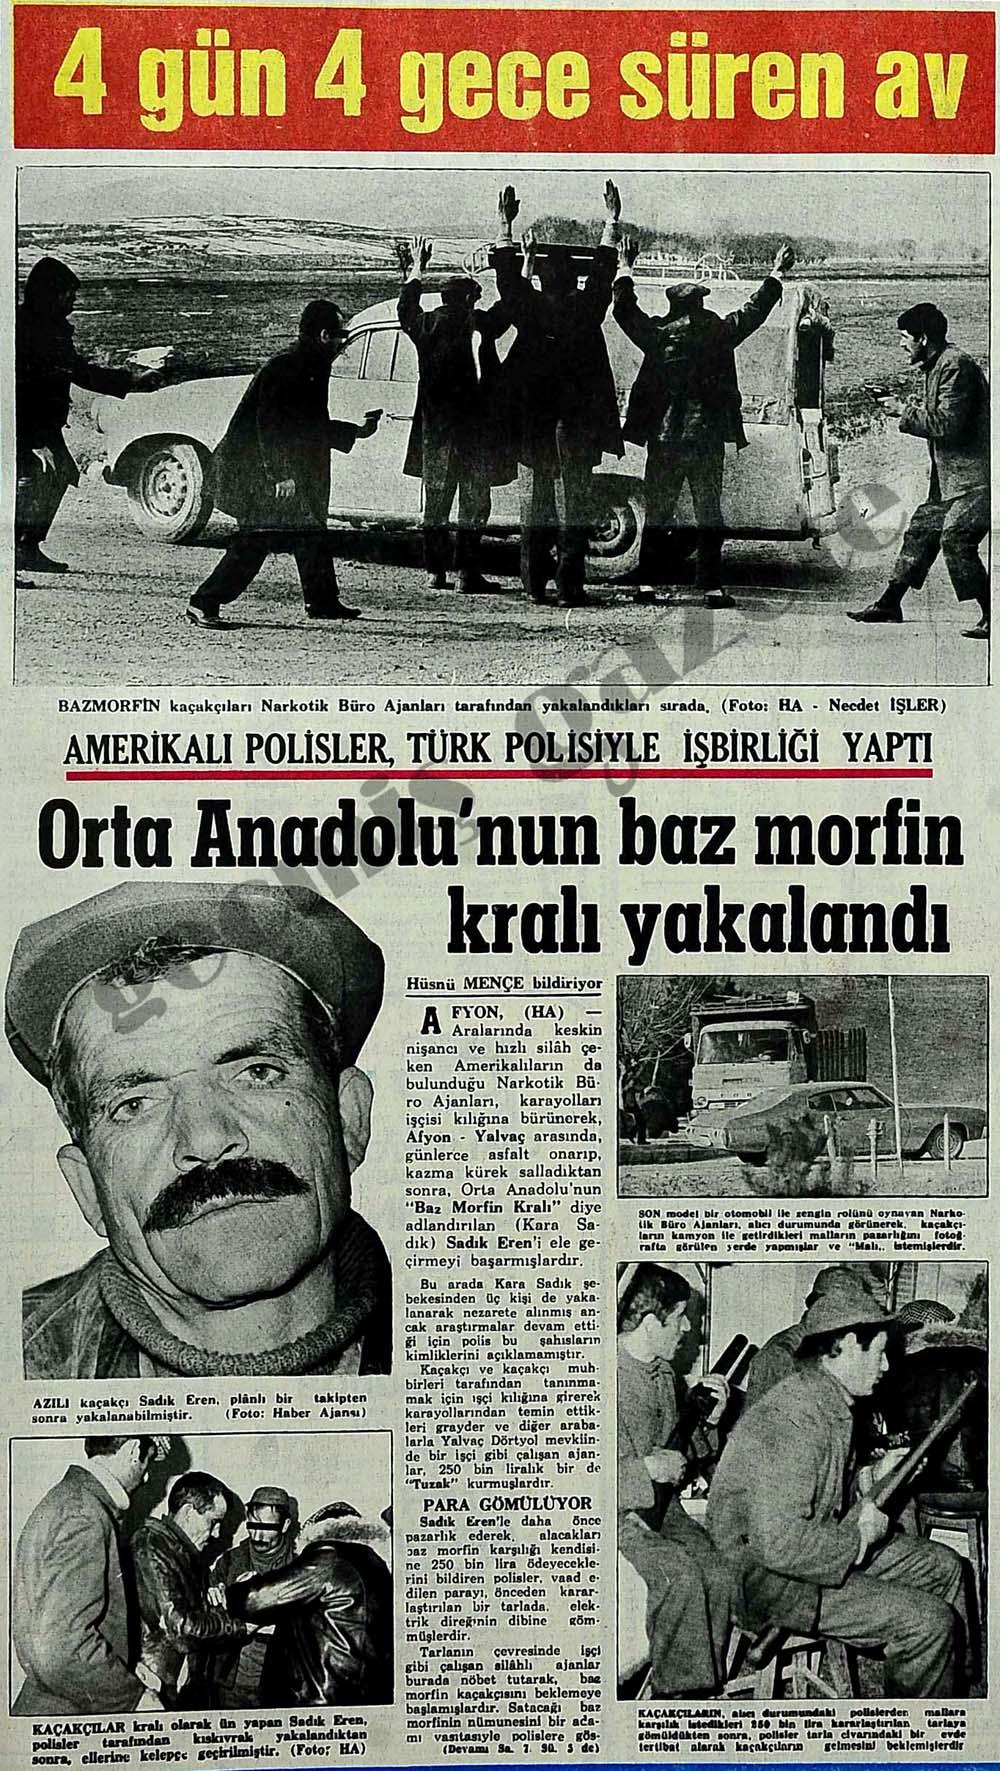 Orta Anadolu'nun baz morfin kralı yakalandı